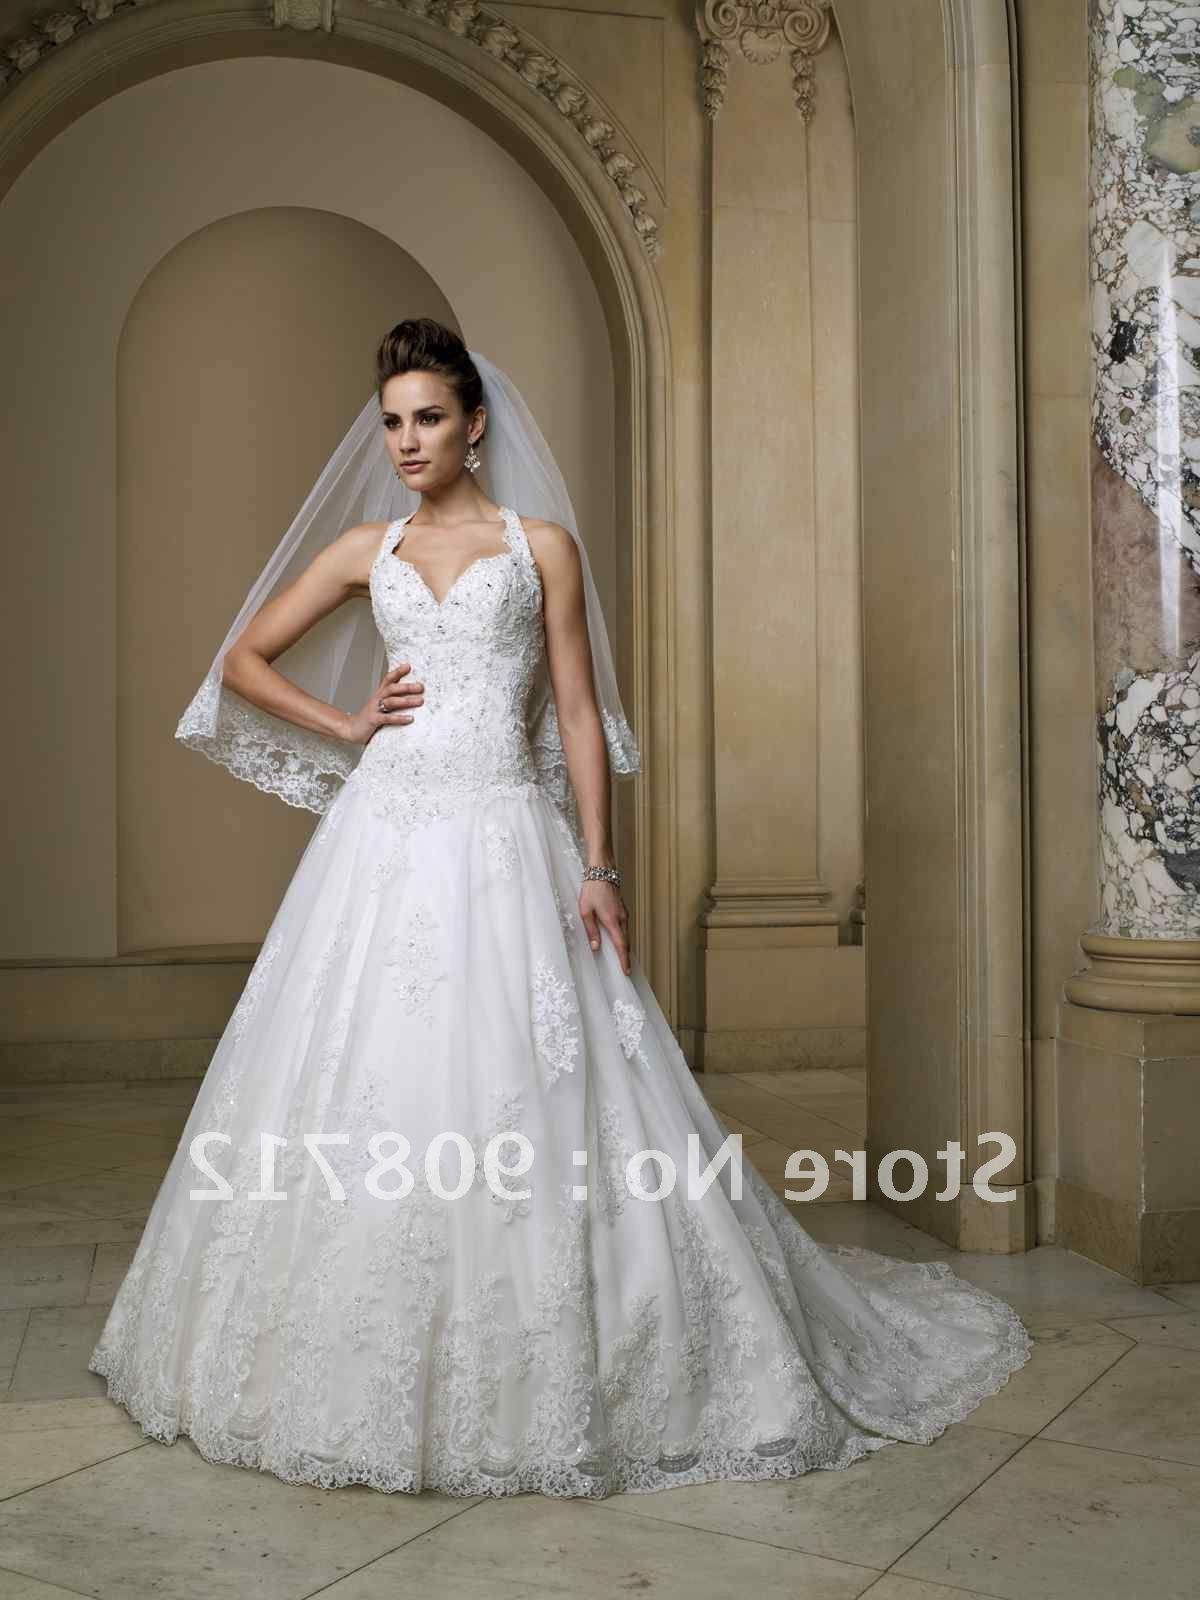 halter ball gown designer wedding gown 2012 with Swarovski crystals